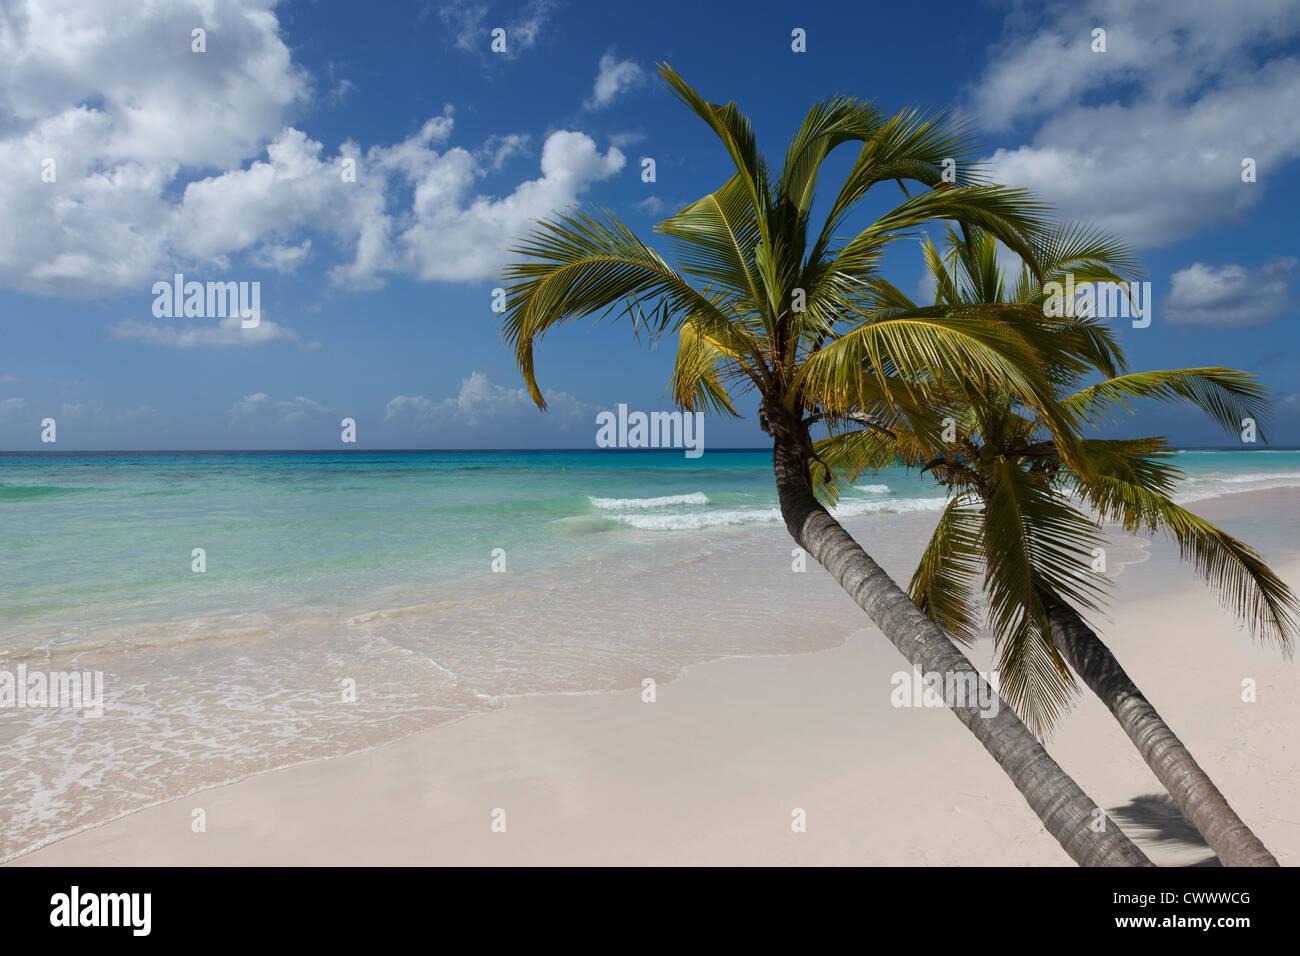 Alberi di palma che cresce su spiaggia tropicale Immagini Stock